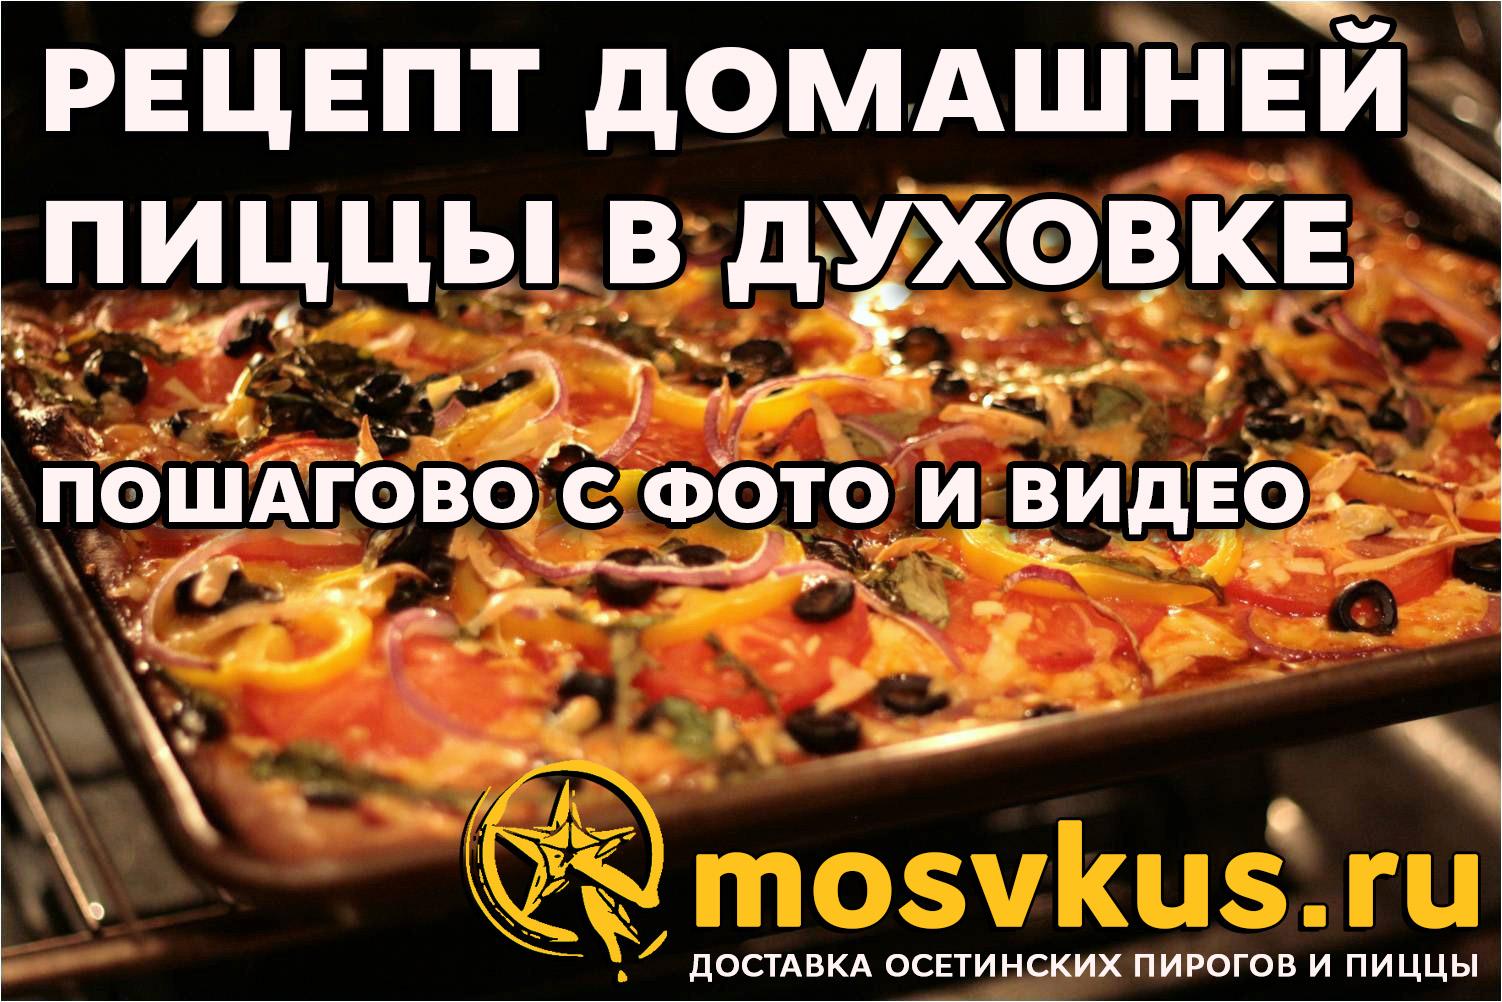 Рецепт пиццы в домашних условиях в духовке с фото и видео